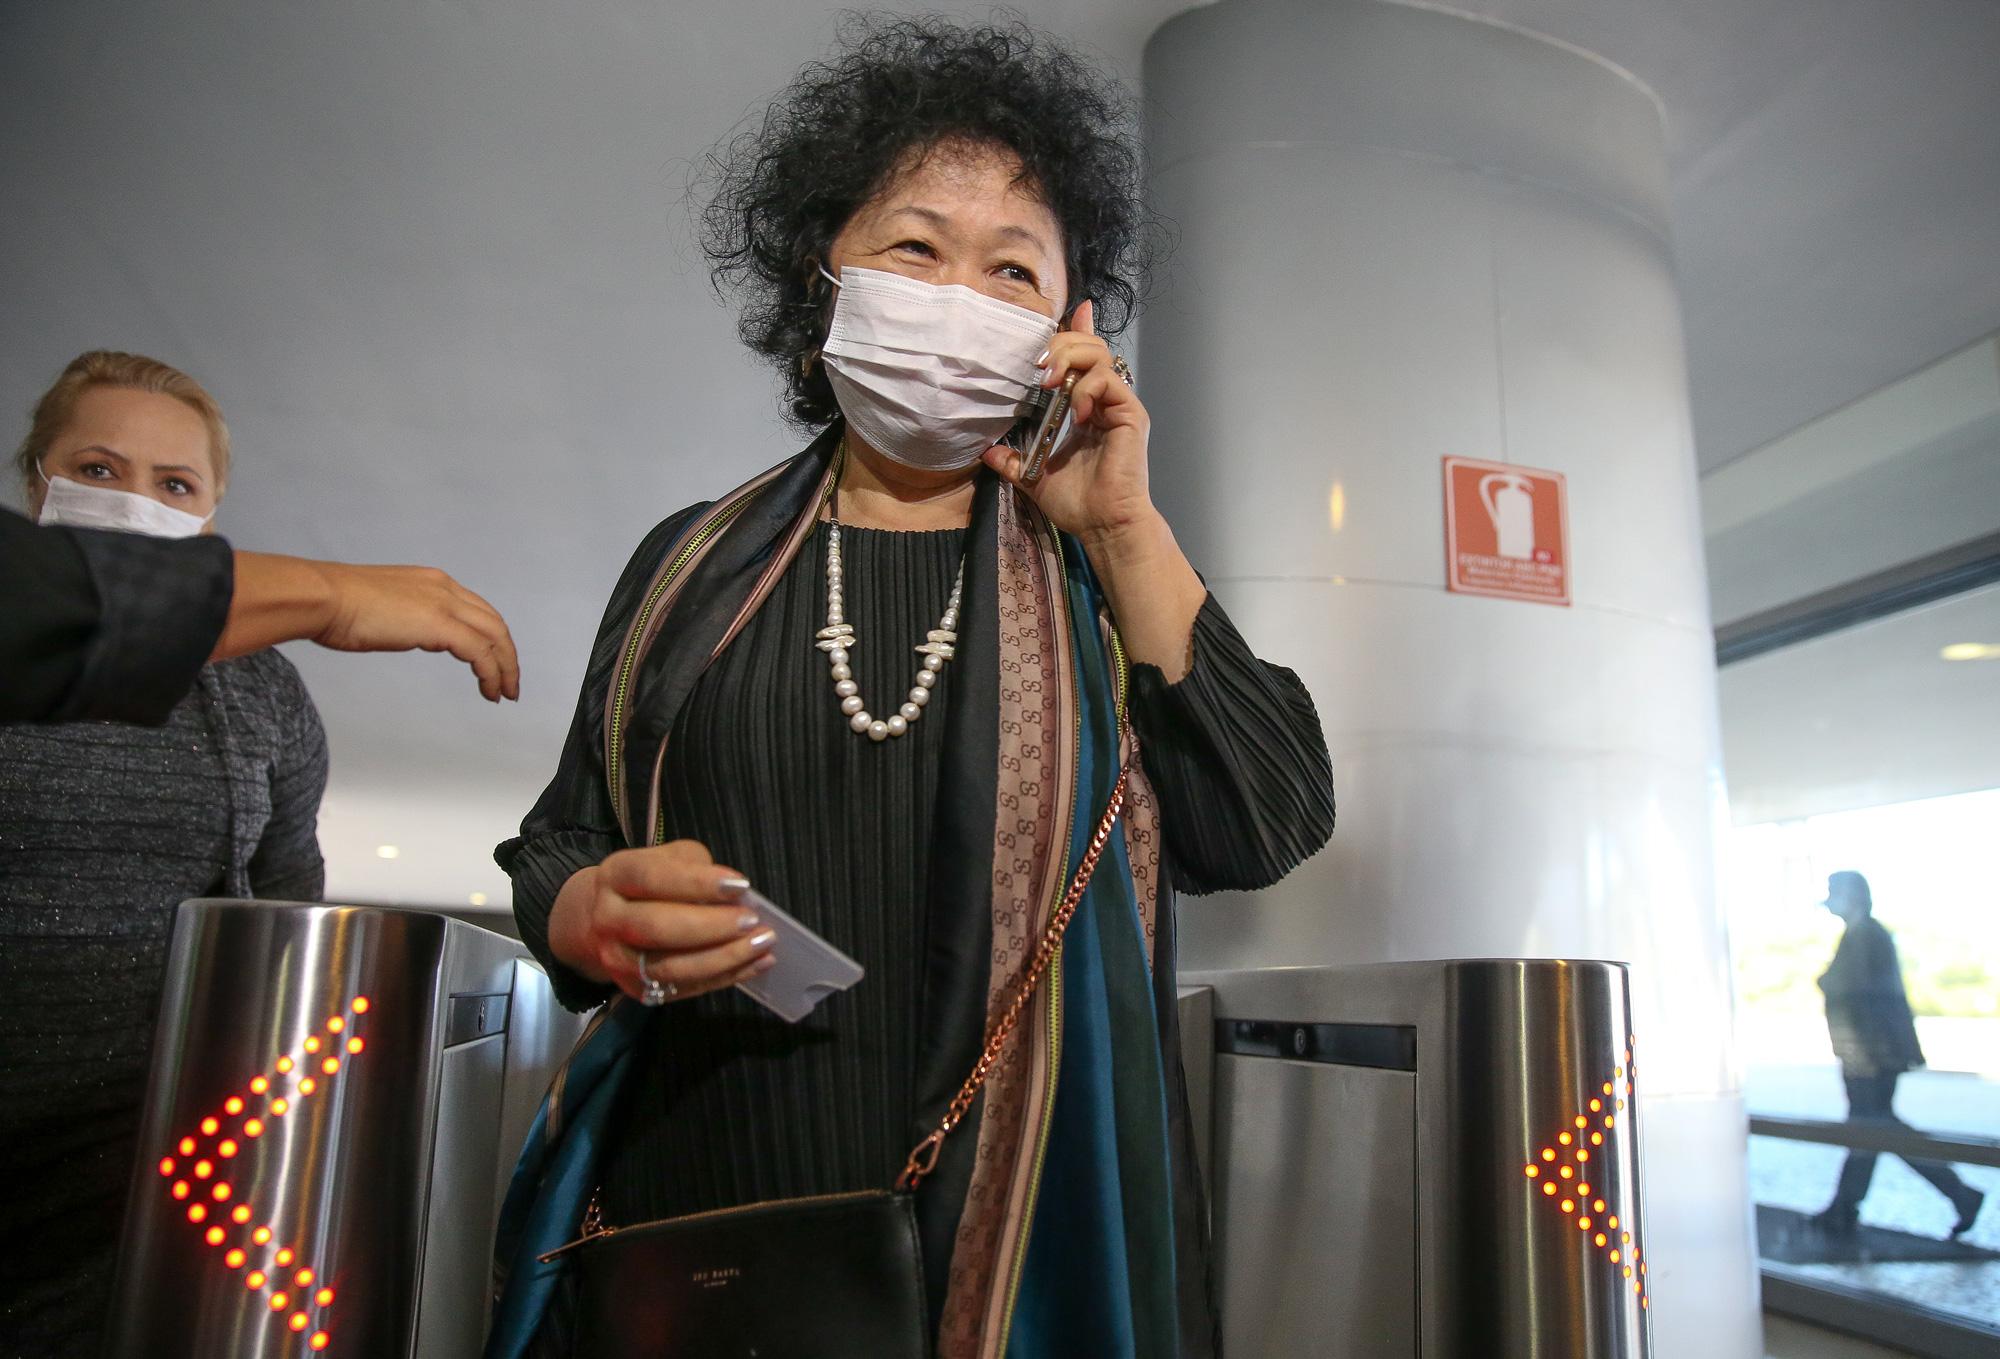 BRASILIA, DF,  21-05-2020:  A médica oncologista e imunologista Nise Yamaguchi, que defende o uso da cloroquina no tratamento da covid-19, chega ao palácio do Planalto na manhã de hoje. (Foto: Pedro Ladeira/Folhapress)